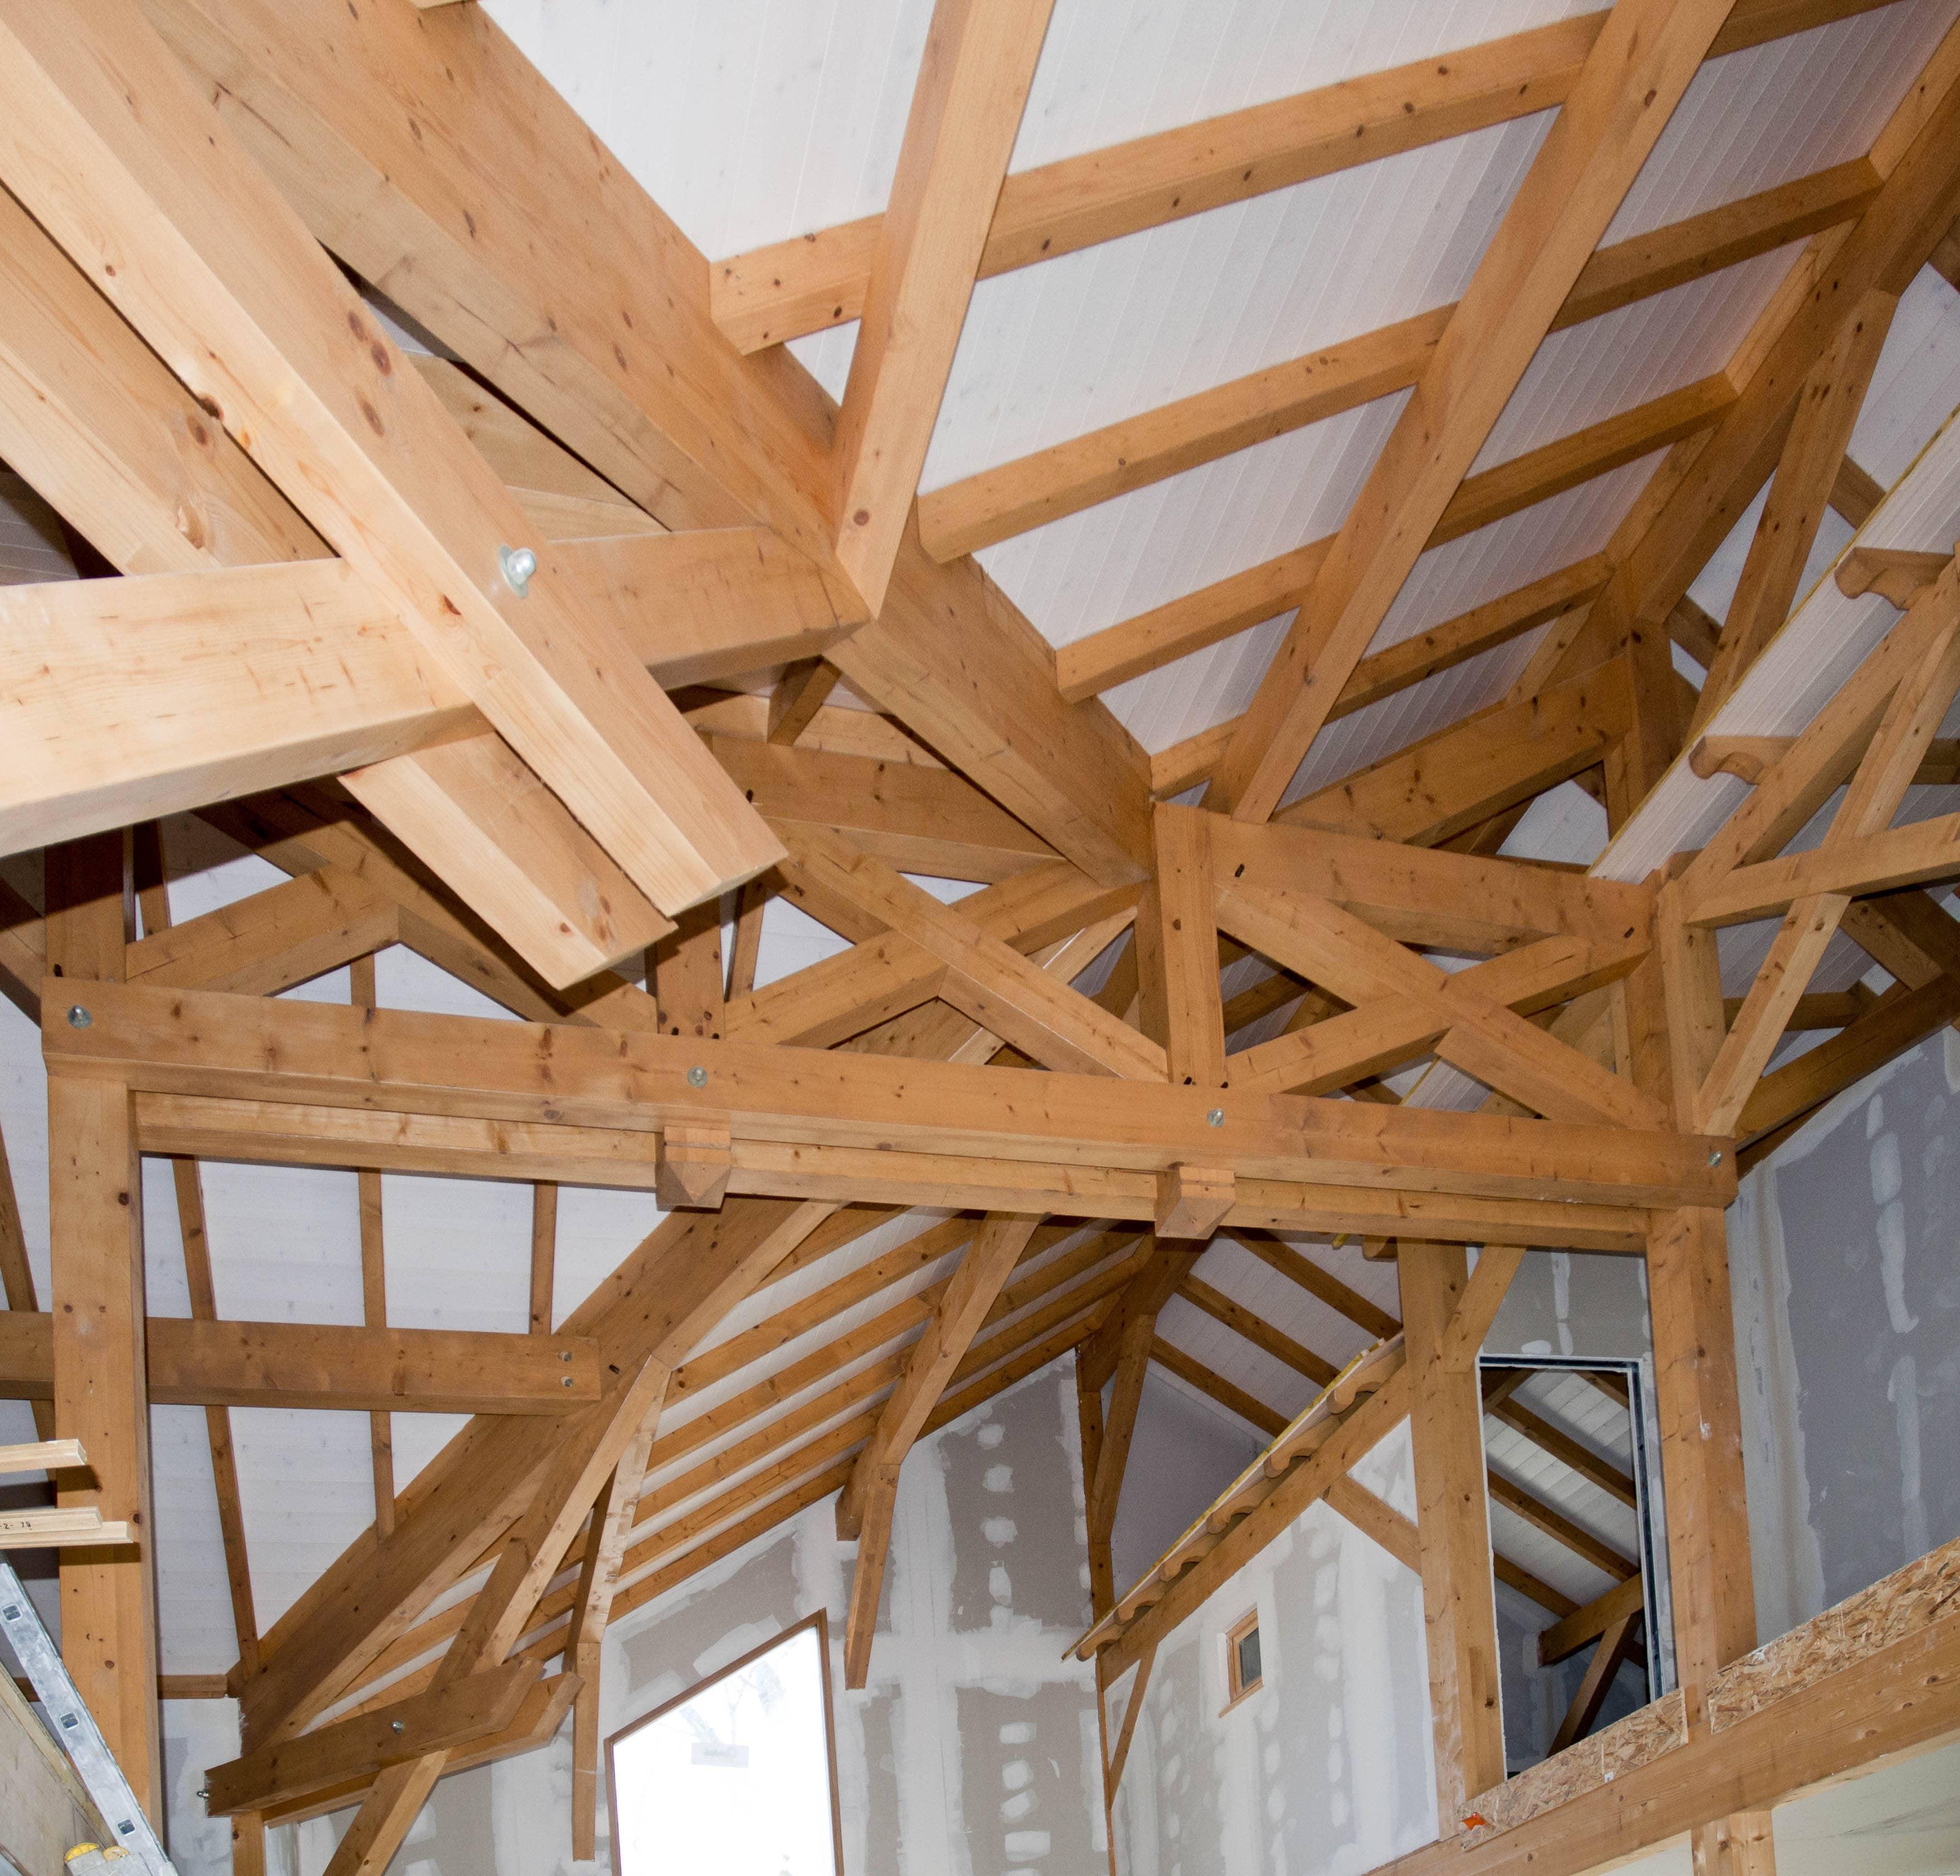 charpente bois normes obtenez des id es de design int ressantes en utilisant du. Black Bedroom Furniture Sets. Home Design Ideas